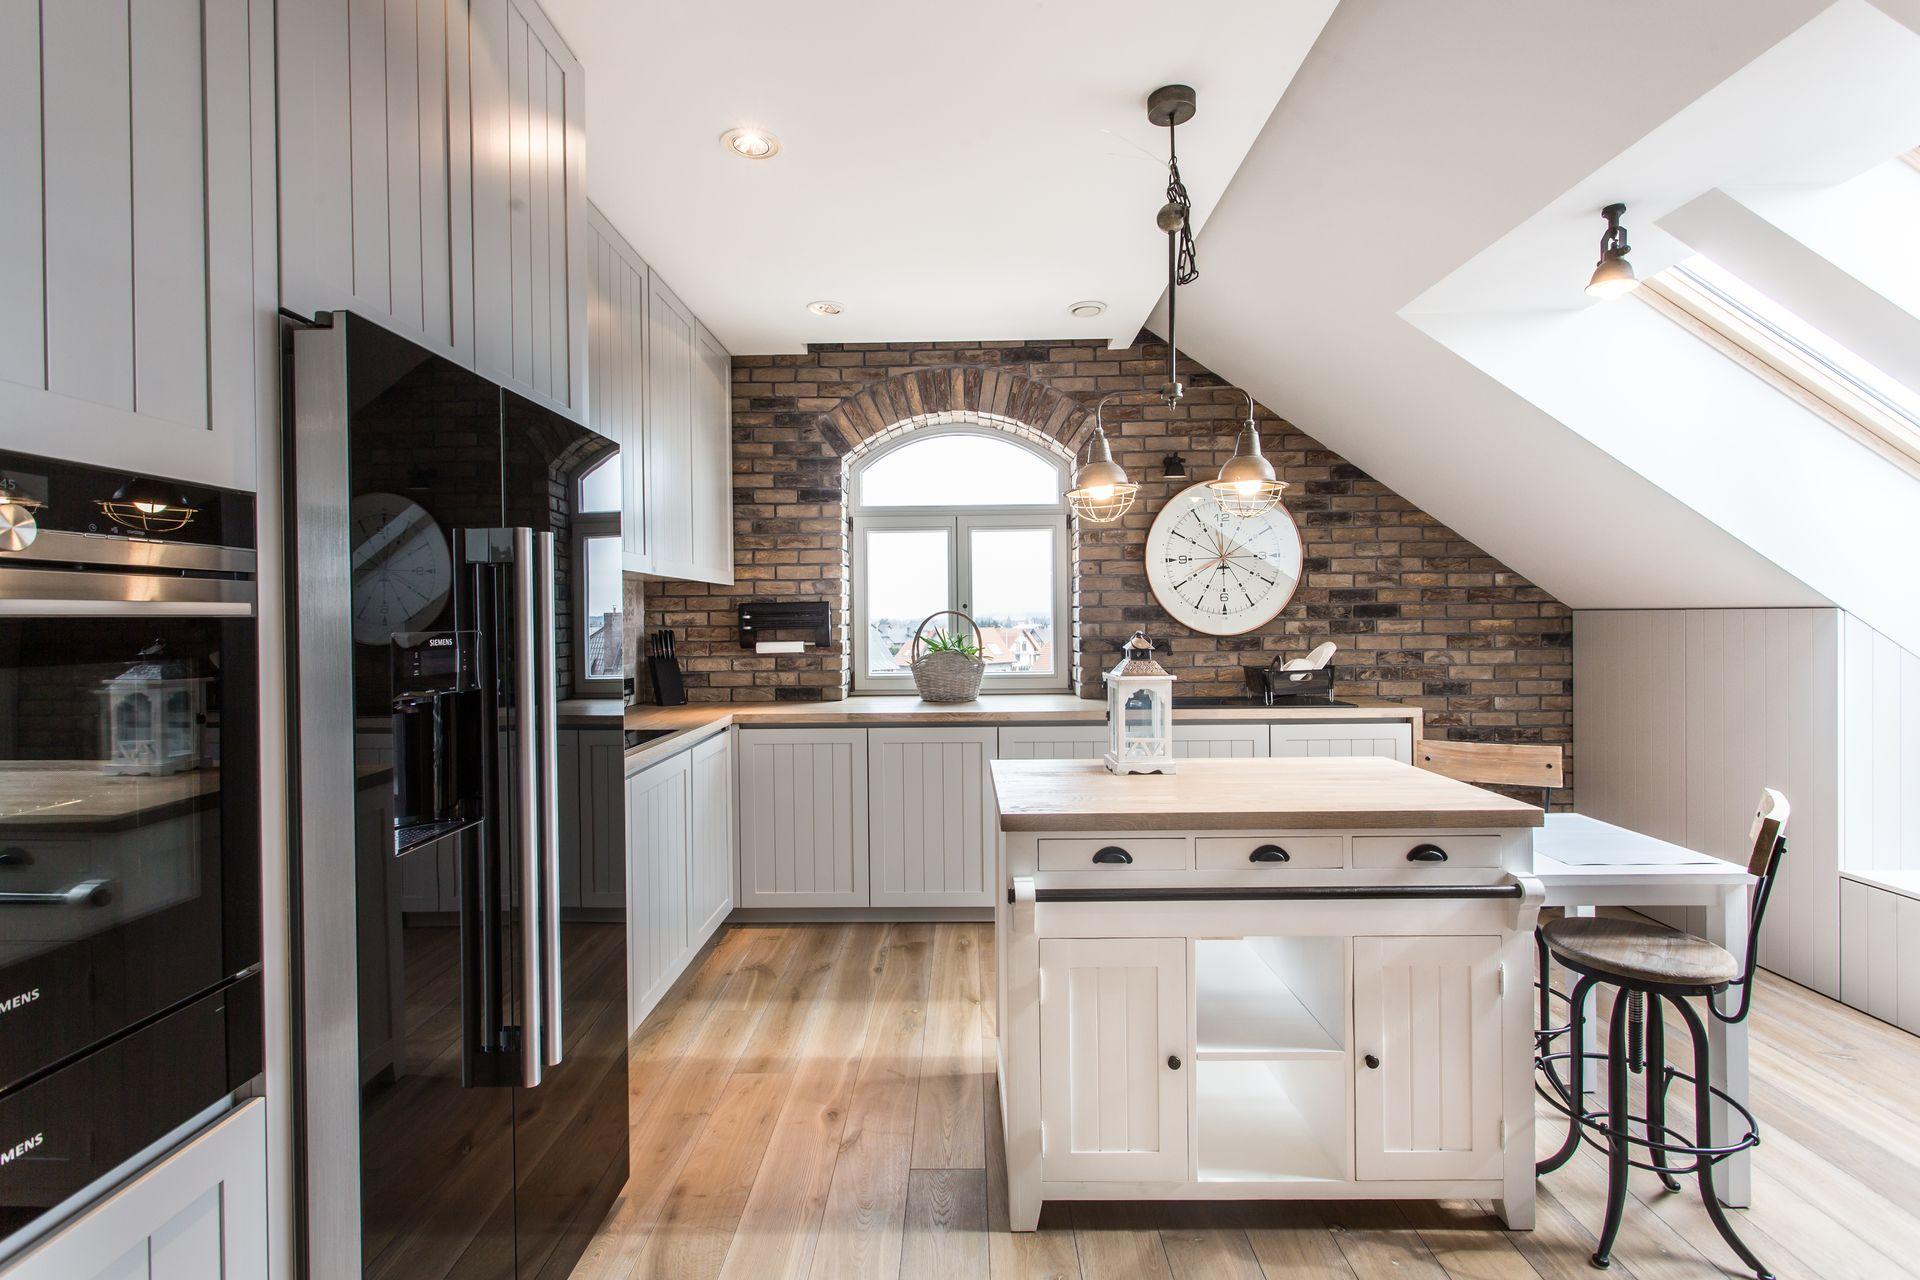 Ceglana ściana w białej kuchni